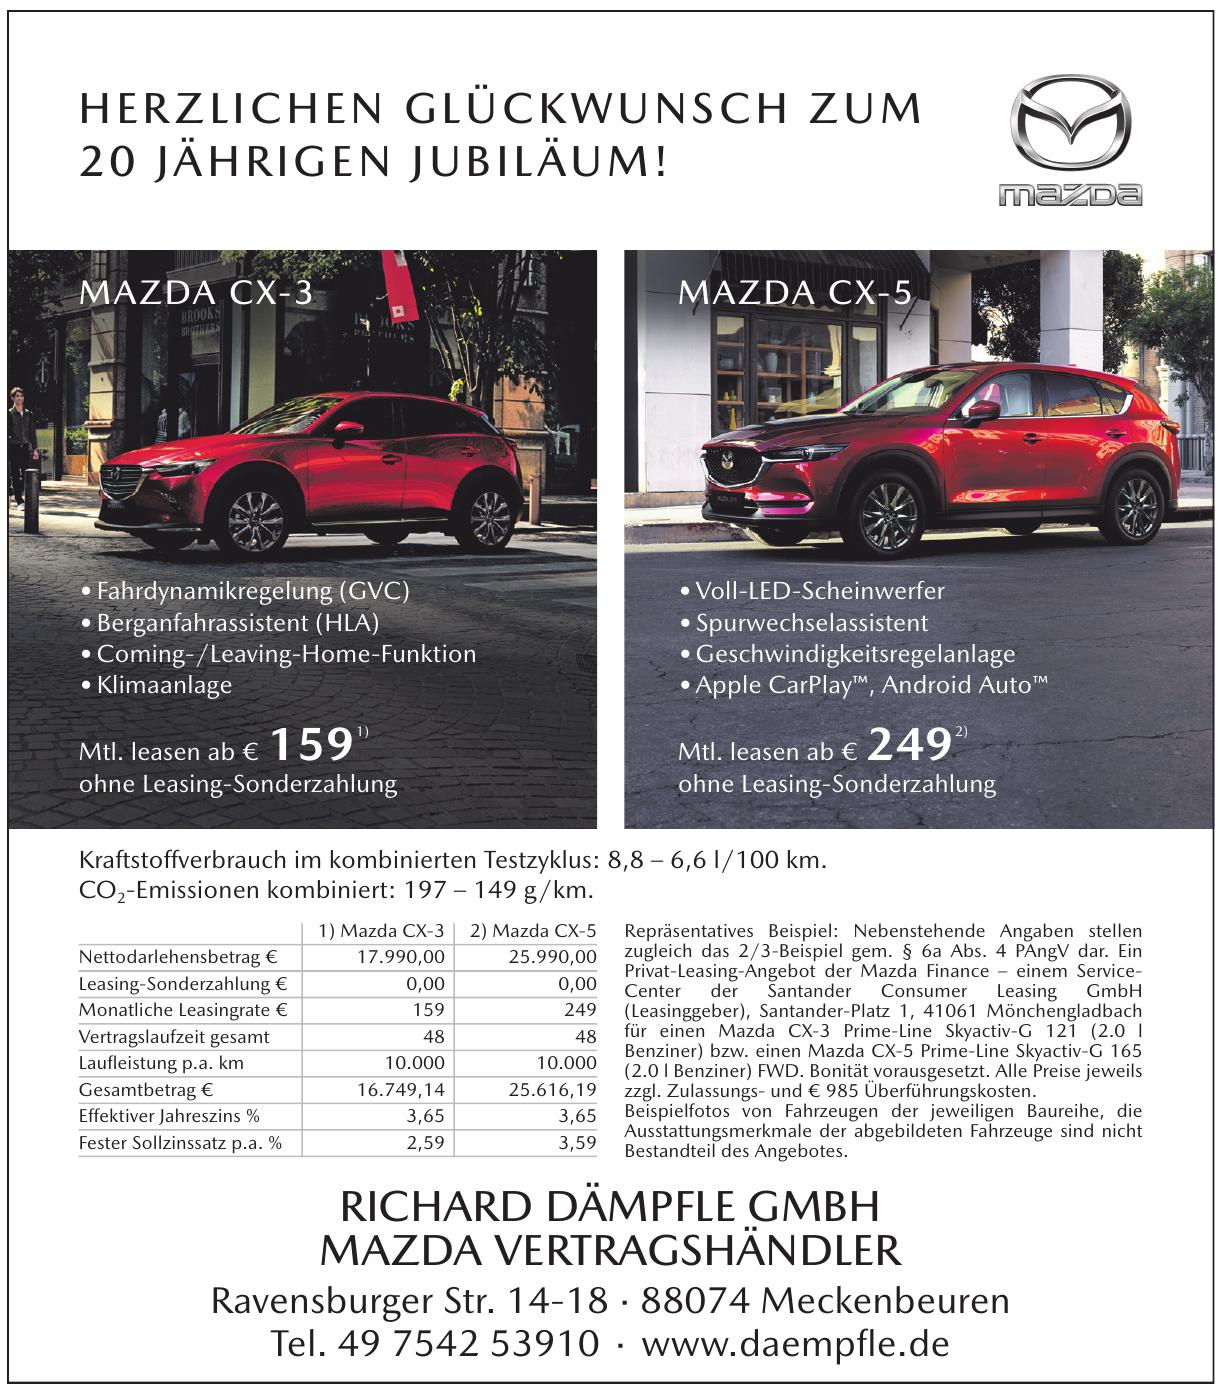 Richard Dämpfle GmbH